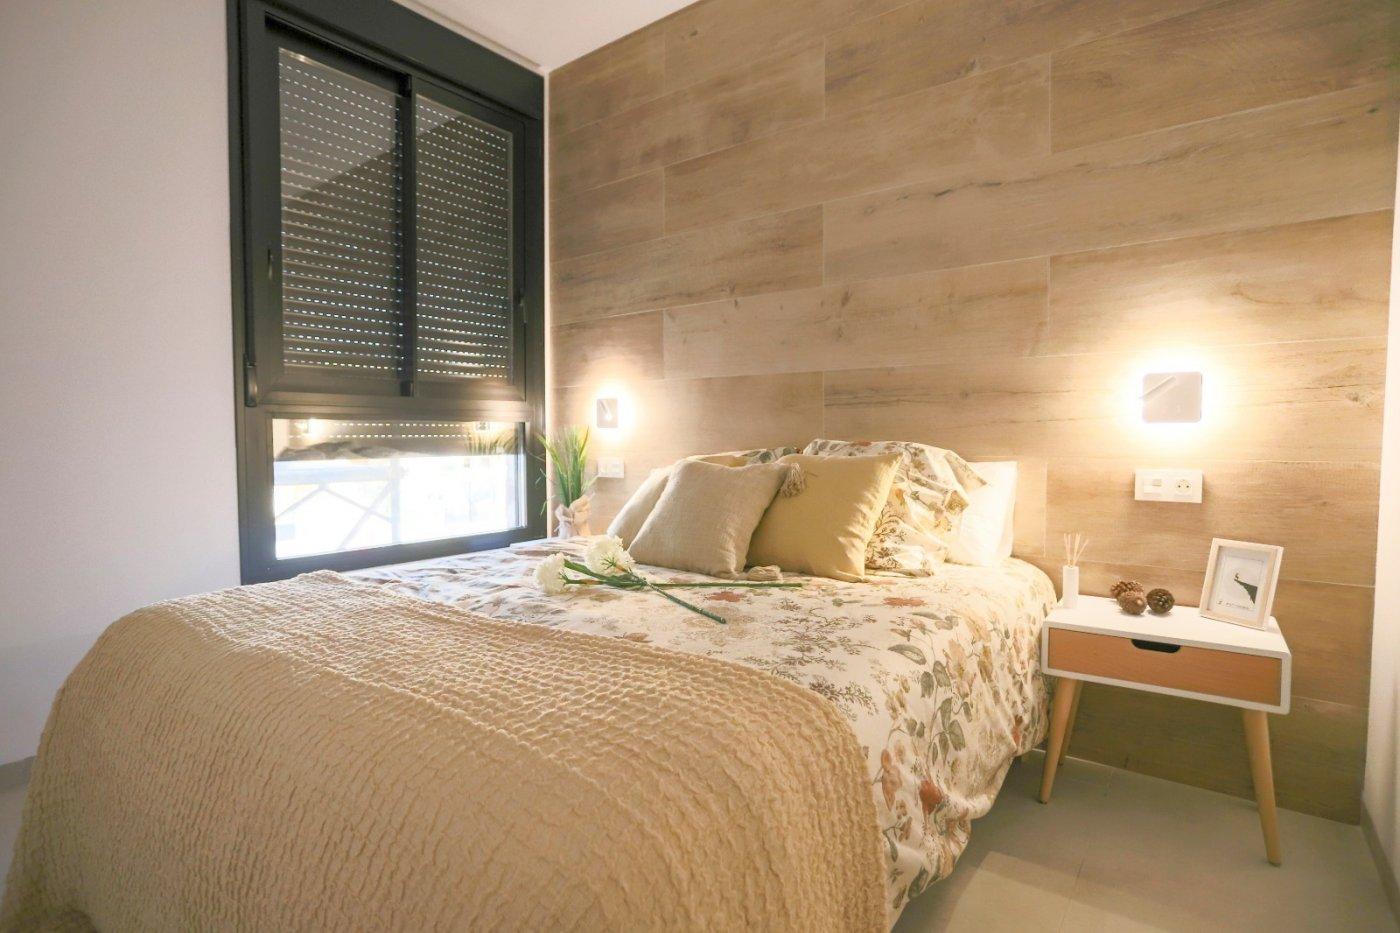 Apartamento moderno en san pedro del pinatar - imagenInmueble17